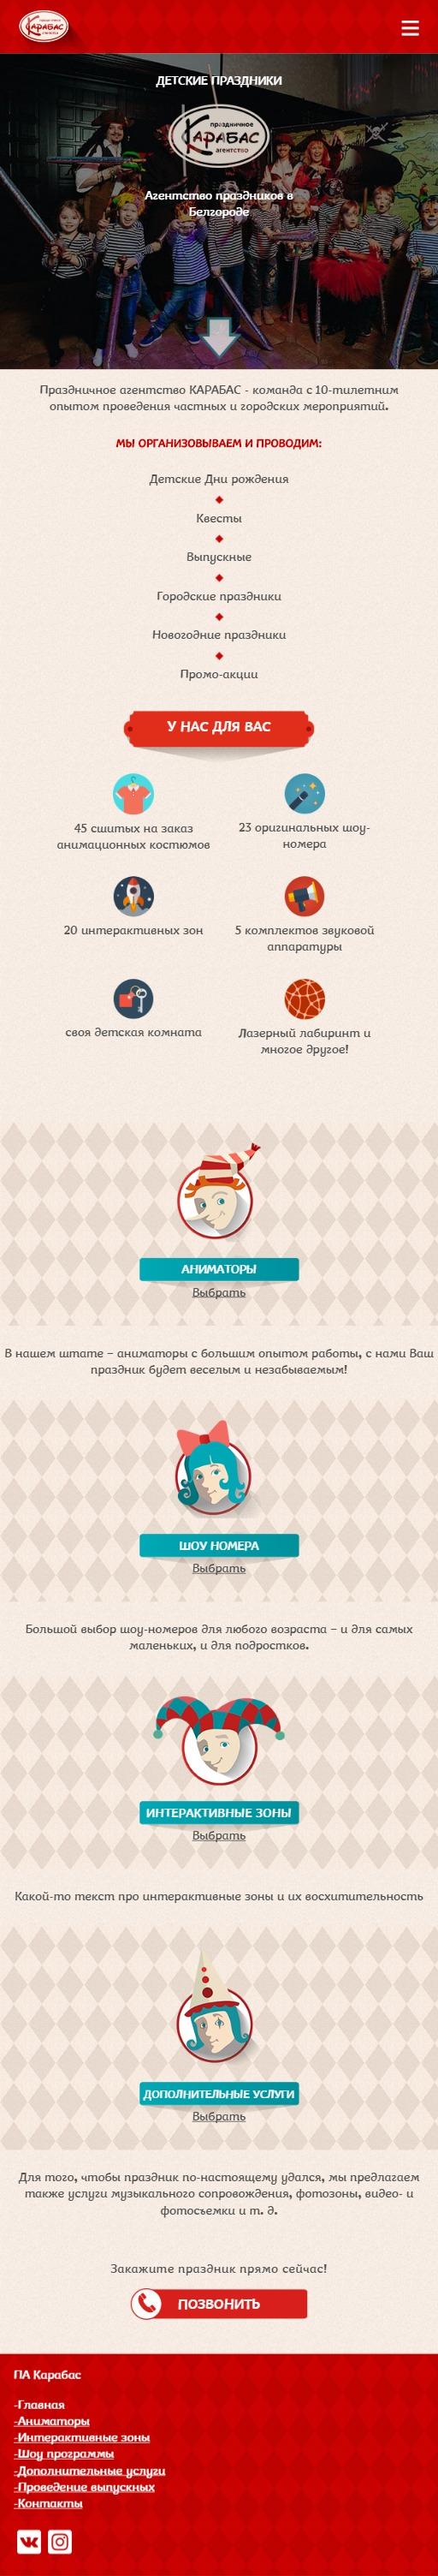 http://karabasart.ru/ Modx мобильная версия сайта